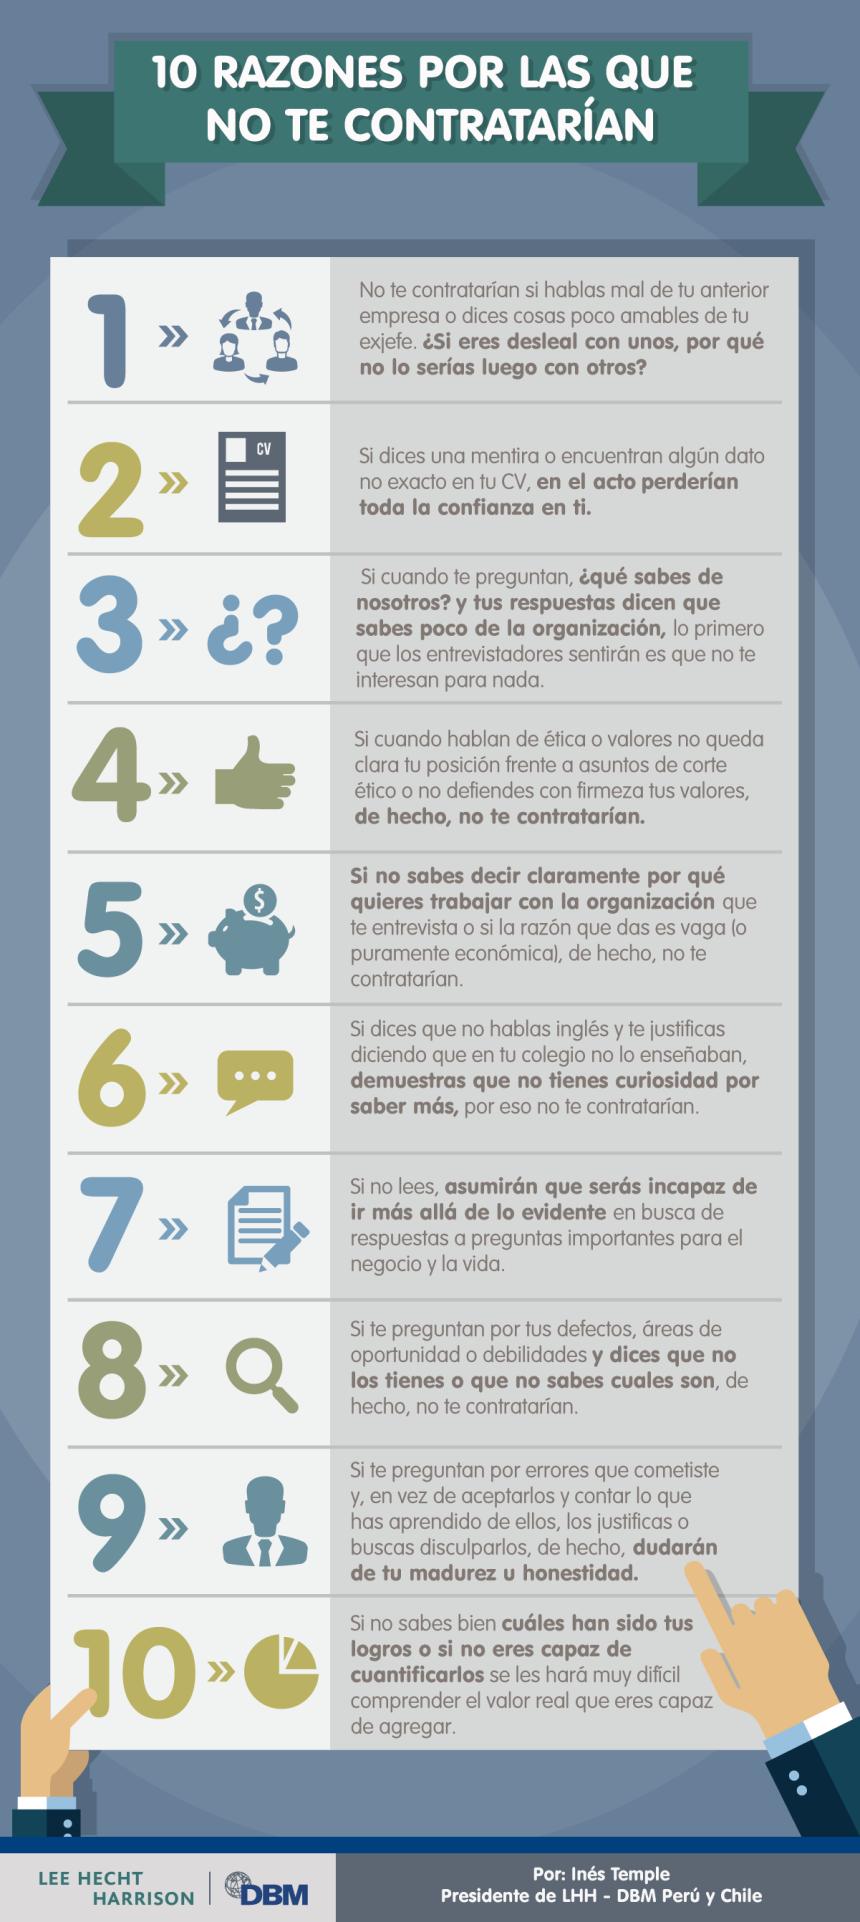 10 RAZONES POR LAS QUE NO TE CONTRATARÍA UNA EMPRESA – ¡Bienvenid@ a ...